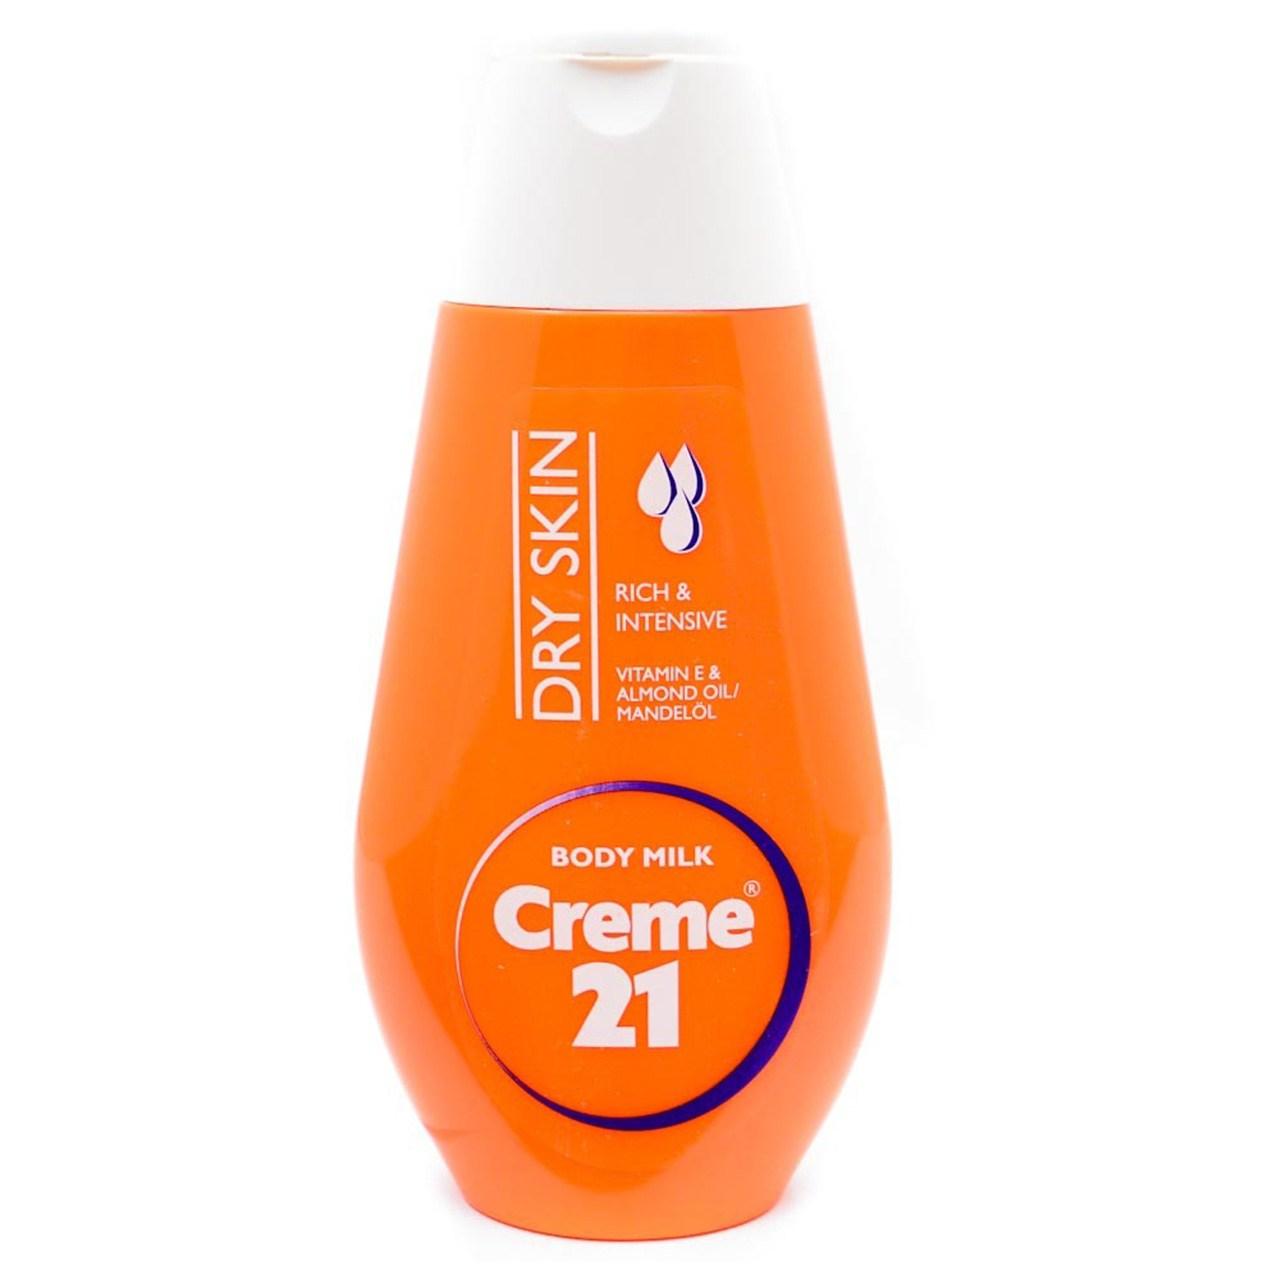 لوسیون بدن کرم 21 مناسب پوست خشک حجم 250 میلی لیتر